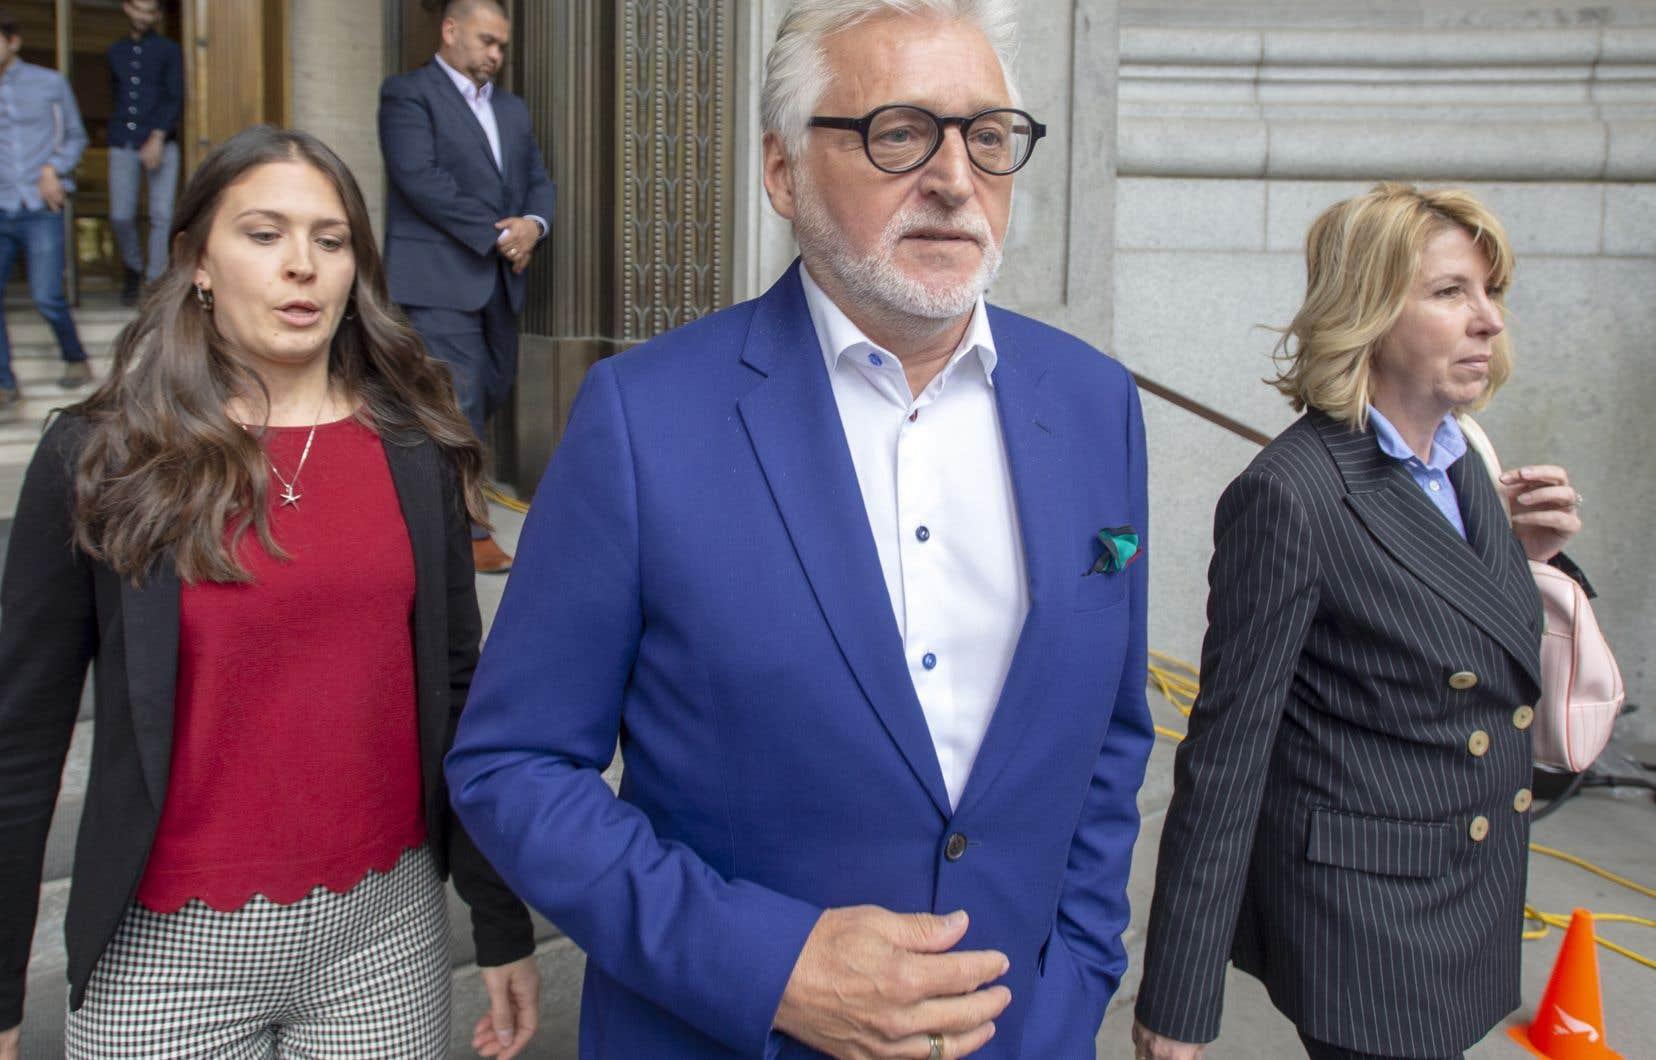 L'ex-magnat de l'humour Gilbert Rozon lors d'un passage au palais de justice en mai dernier